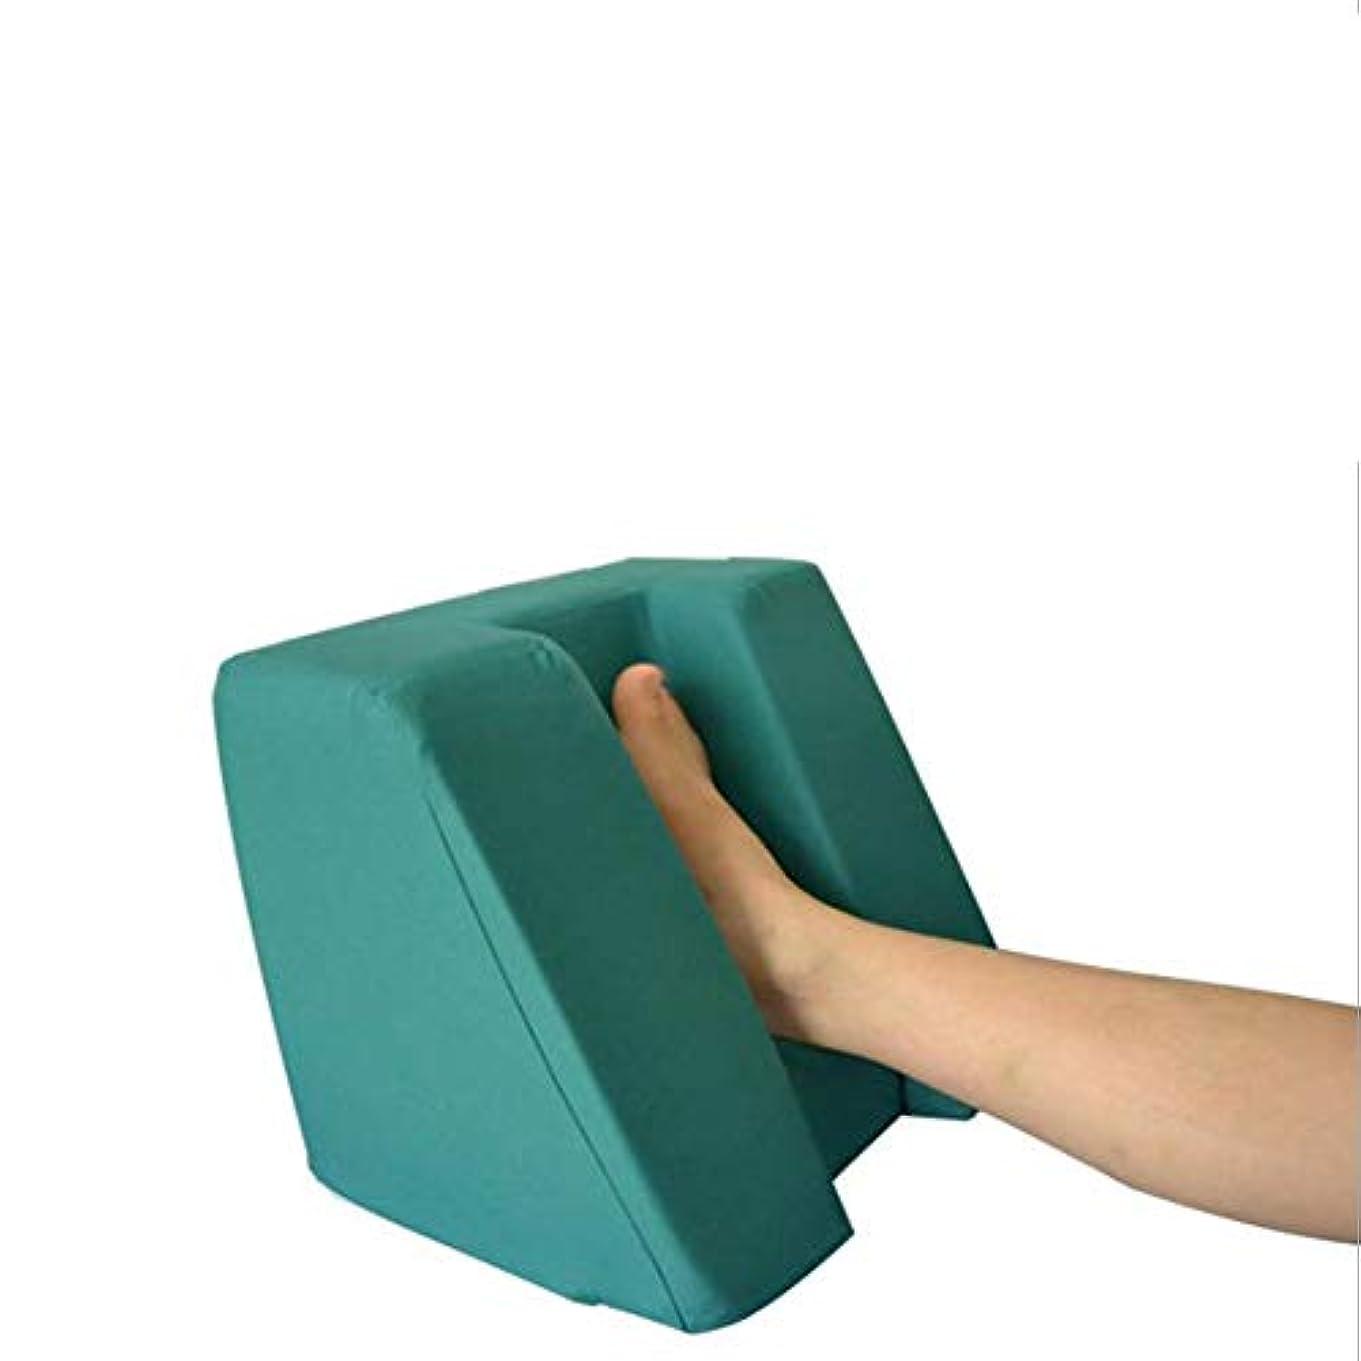 東怠隣人床ずれ防止綿通気性ヒールクッション、圧力解放ヒールプロテクター。